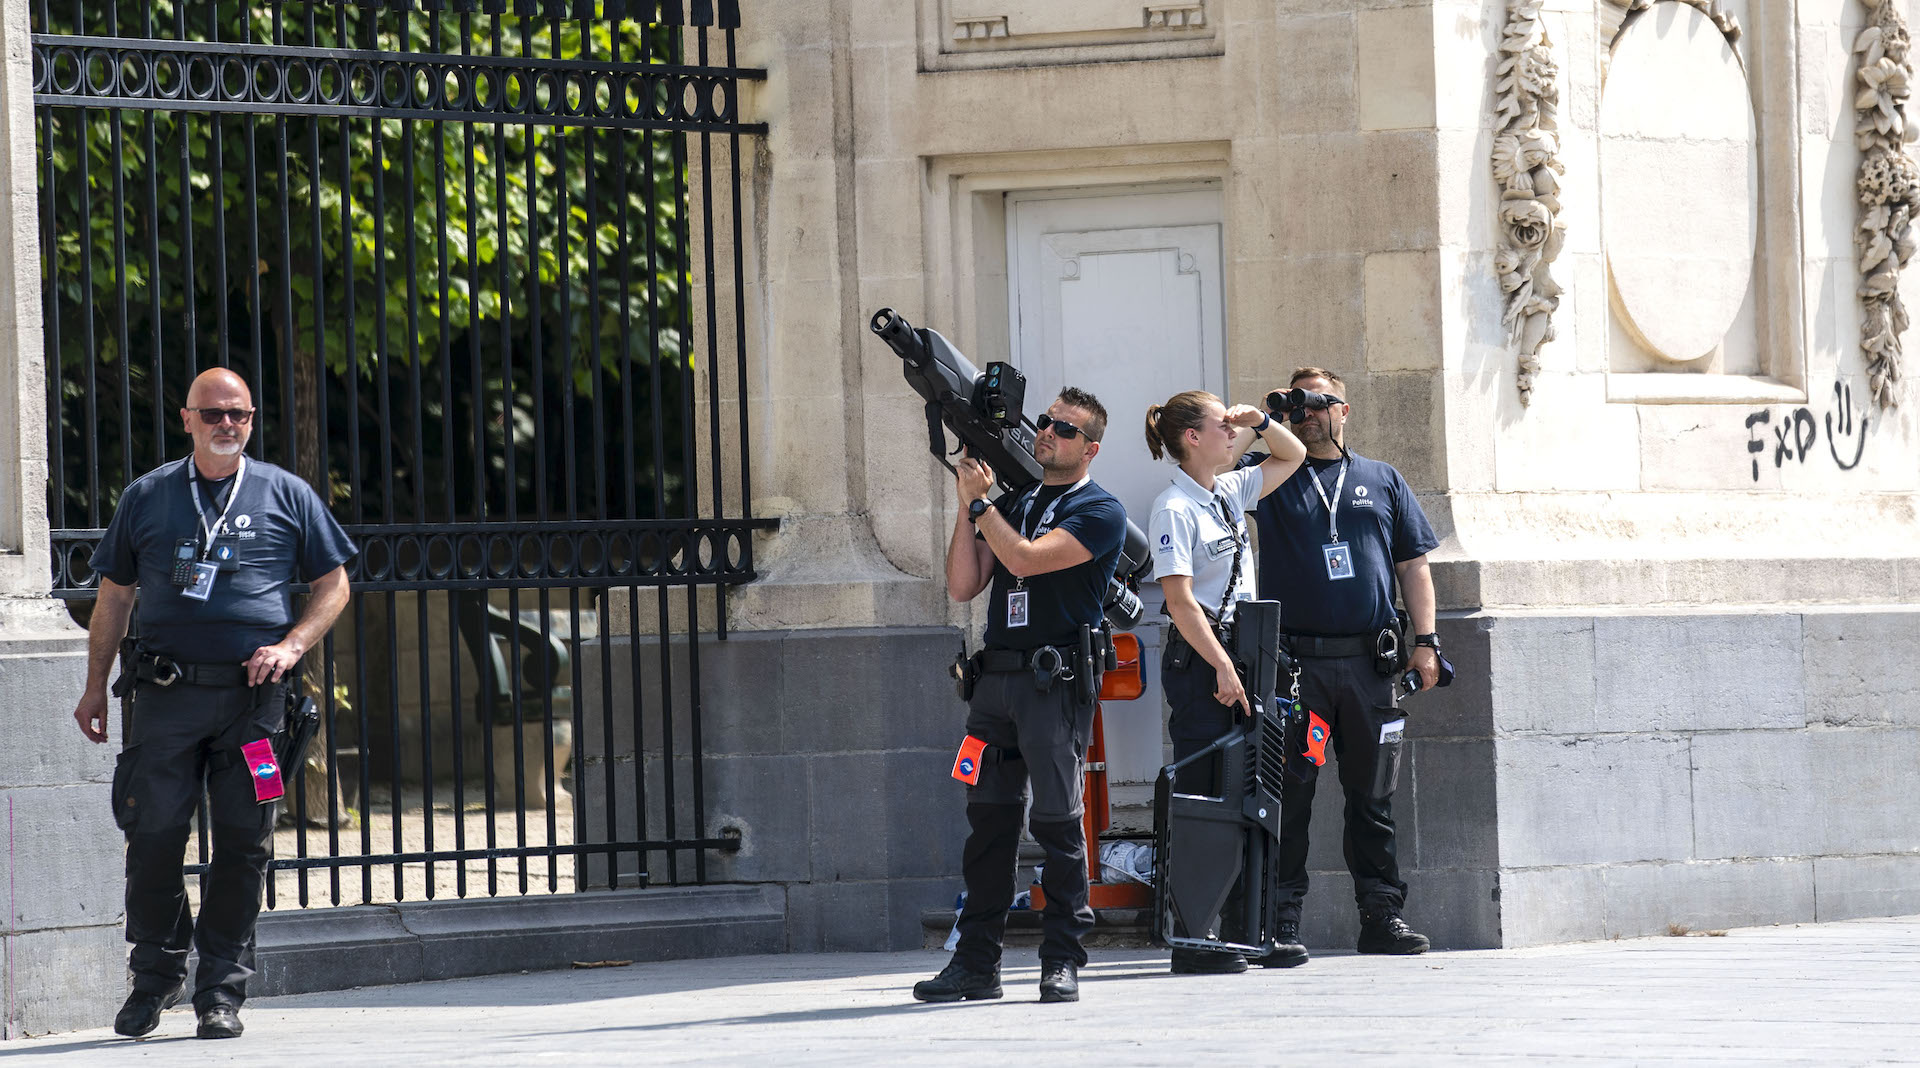 拜登會見比利時國王及首相 王宮外皇警手持兩反無人機槍炮 是哪牌哪款?